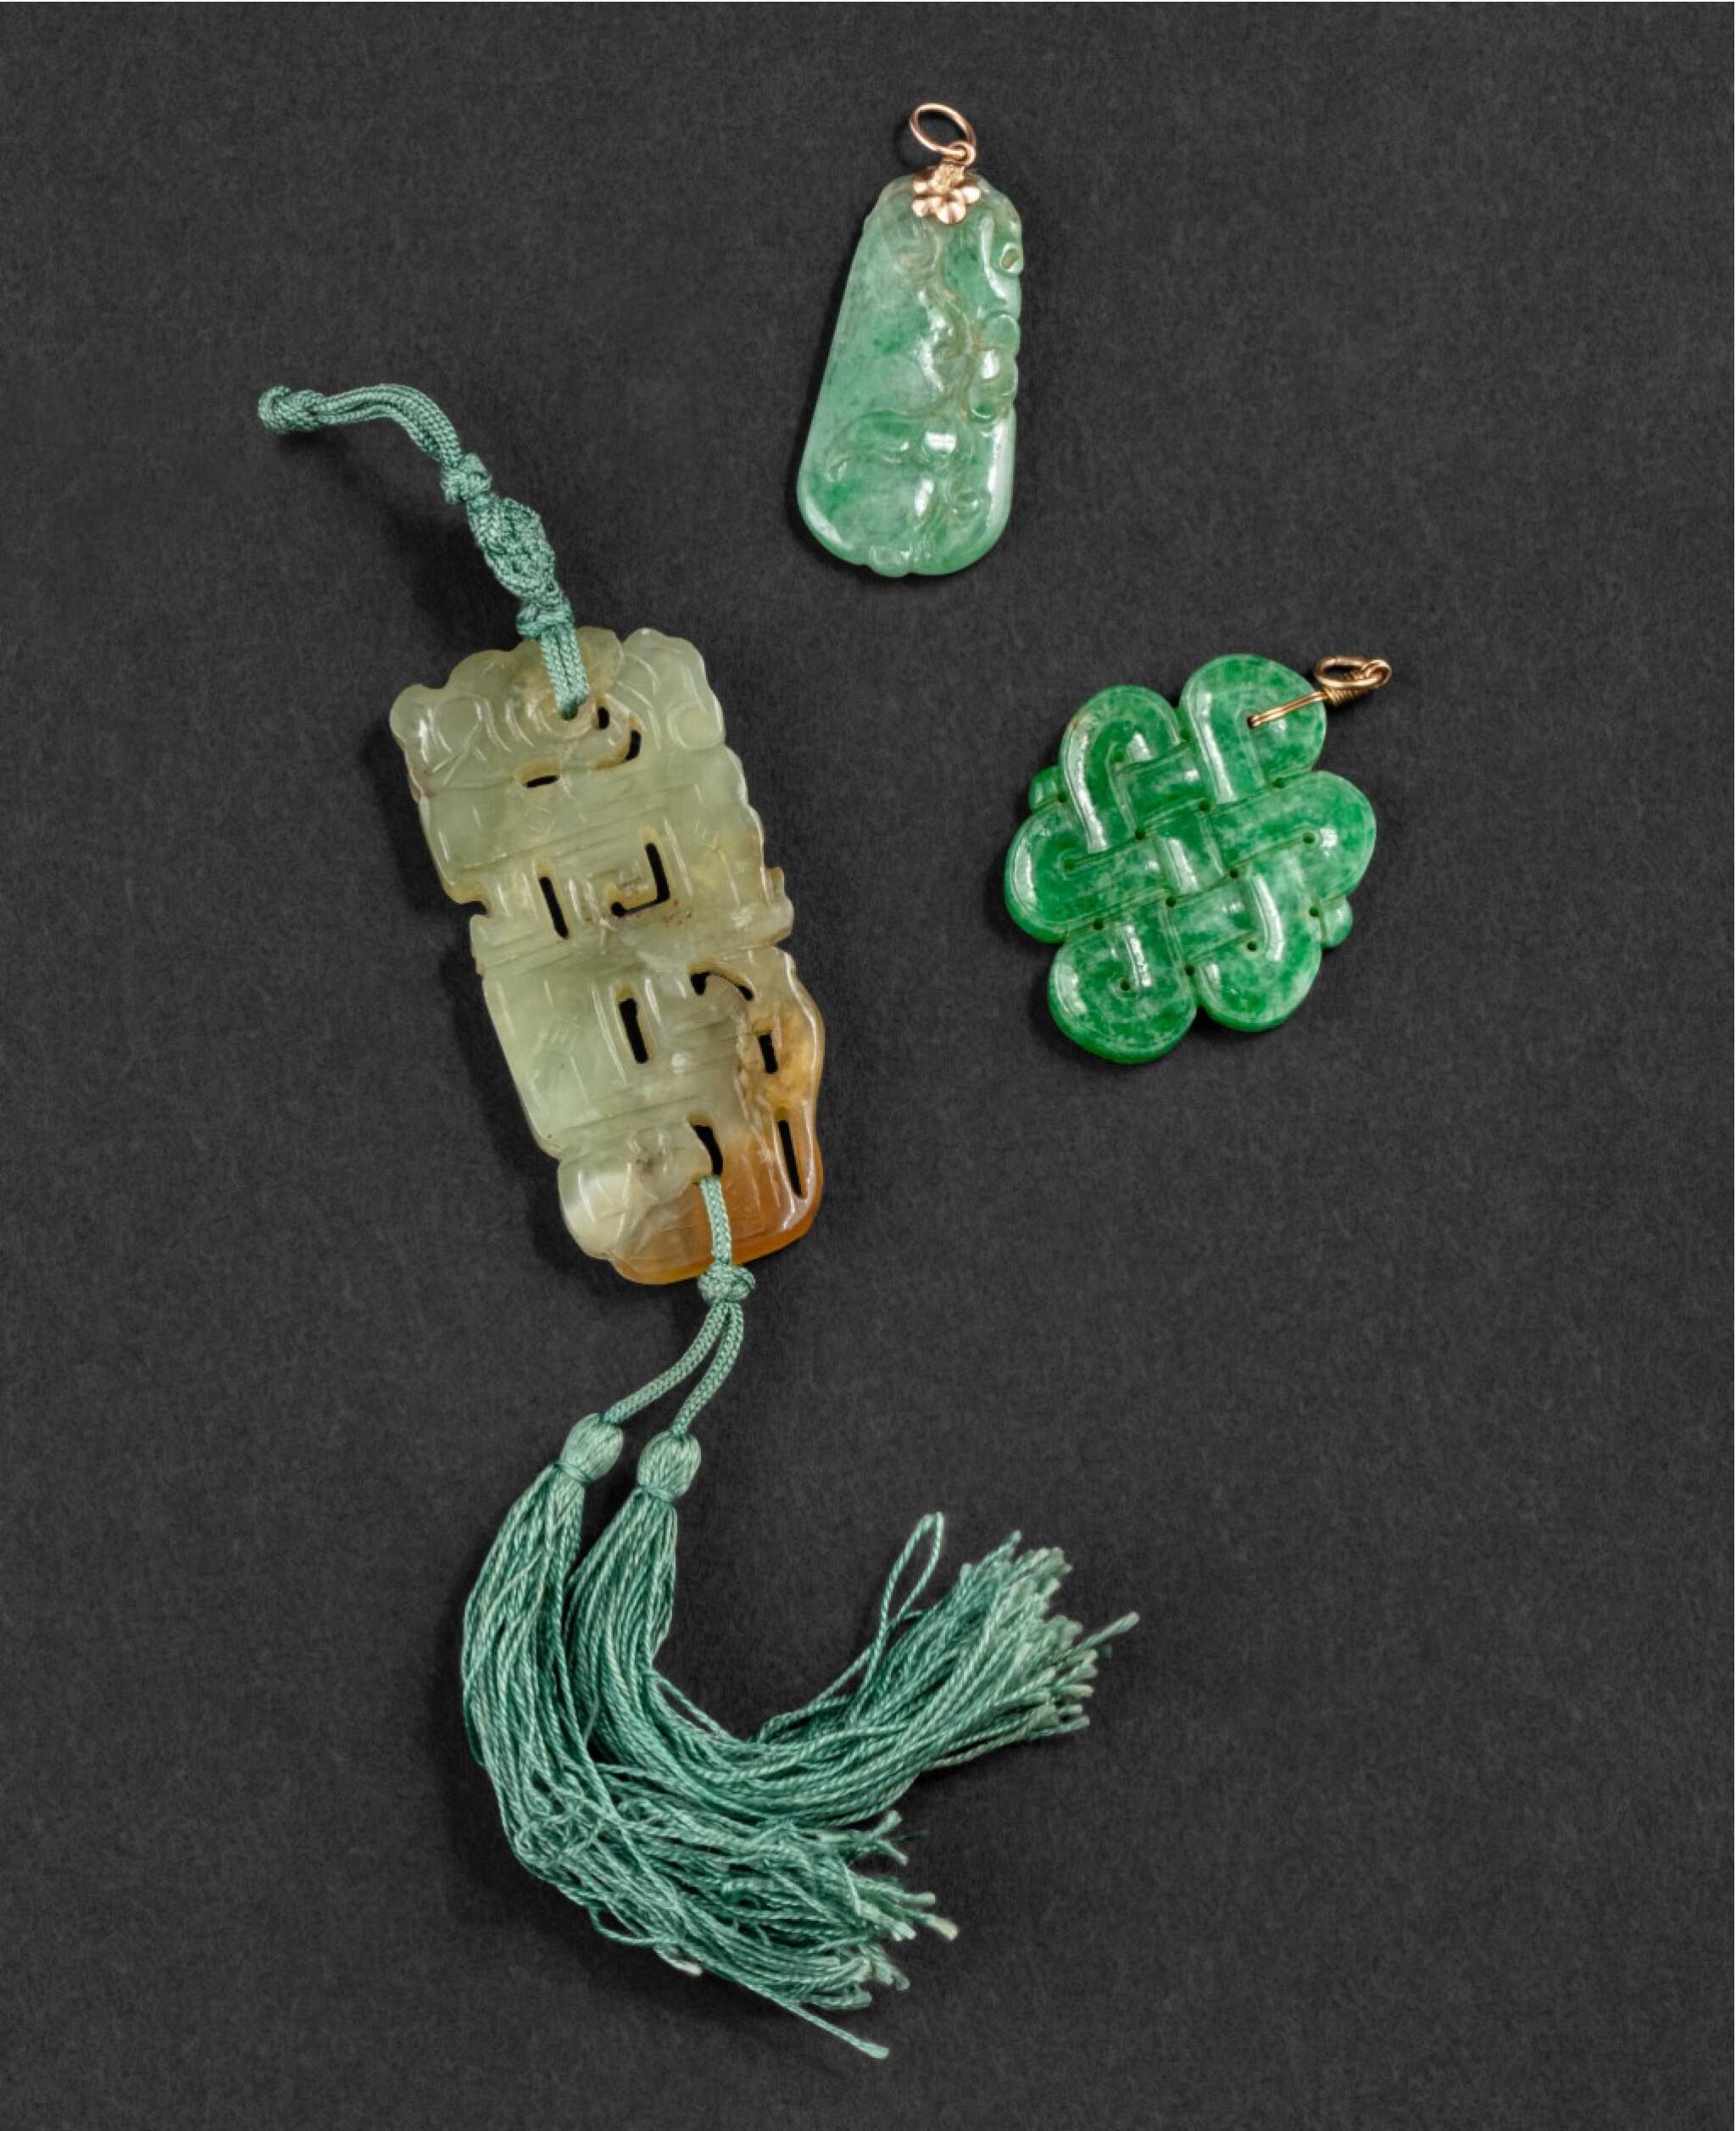 View 1 of Lot 65. Ensemble de trois pendentifs sculptés en jade et en jadéite XIXE-XXE siècle   十九至二十世紀 玉珮 一組三件   A group of three céladon jade and jadeite pendants, 19th-20th century.